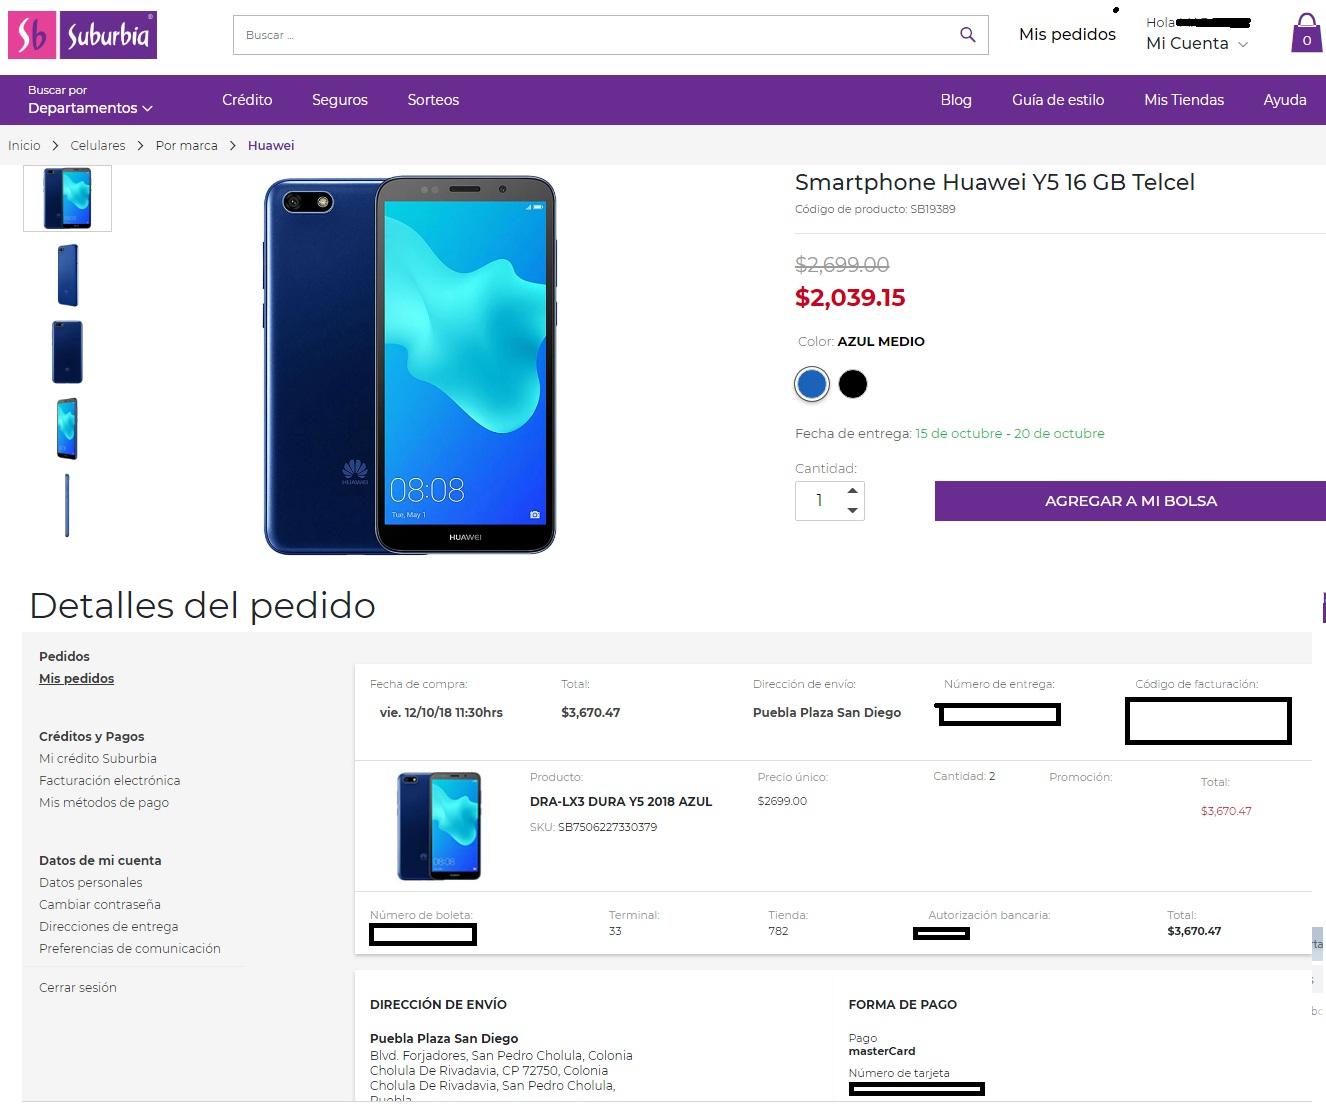 Suburbia: Huawei Y5 16 GB Telcel